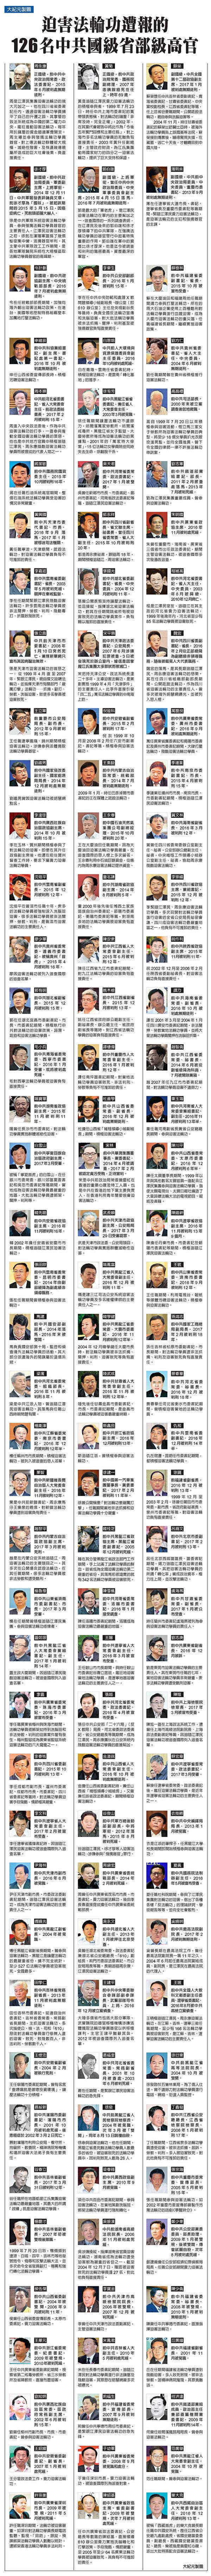 迫害法輪功遭報應的126個中共國級省部級高官。(大紀元製圖)